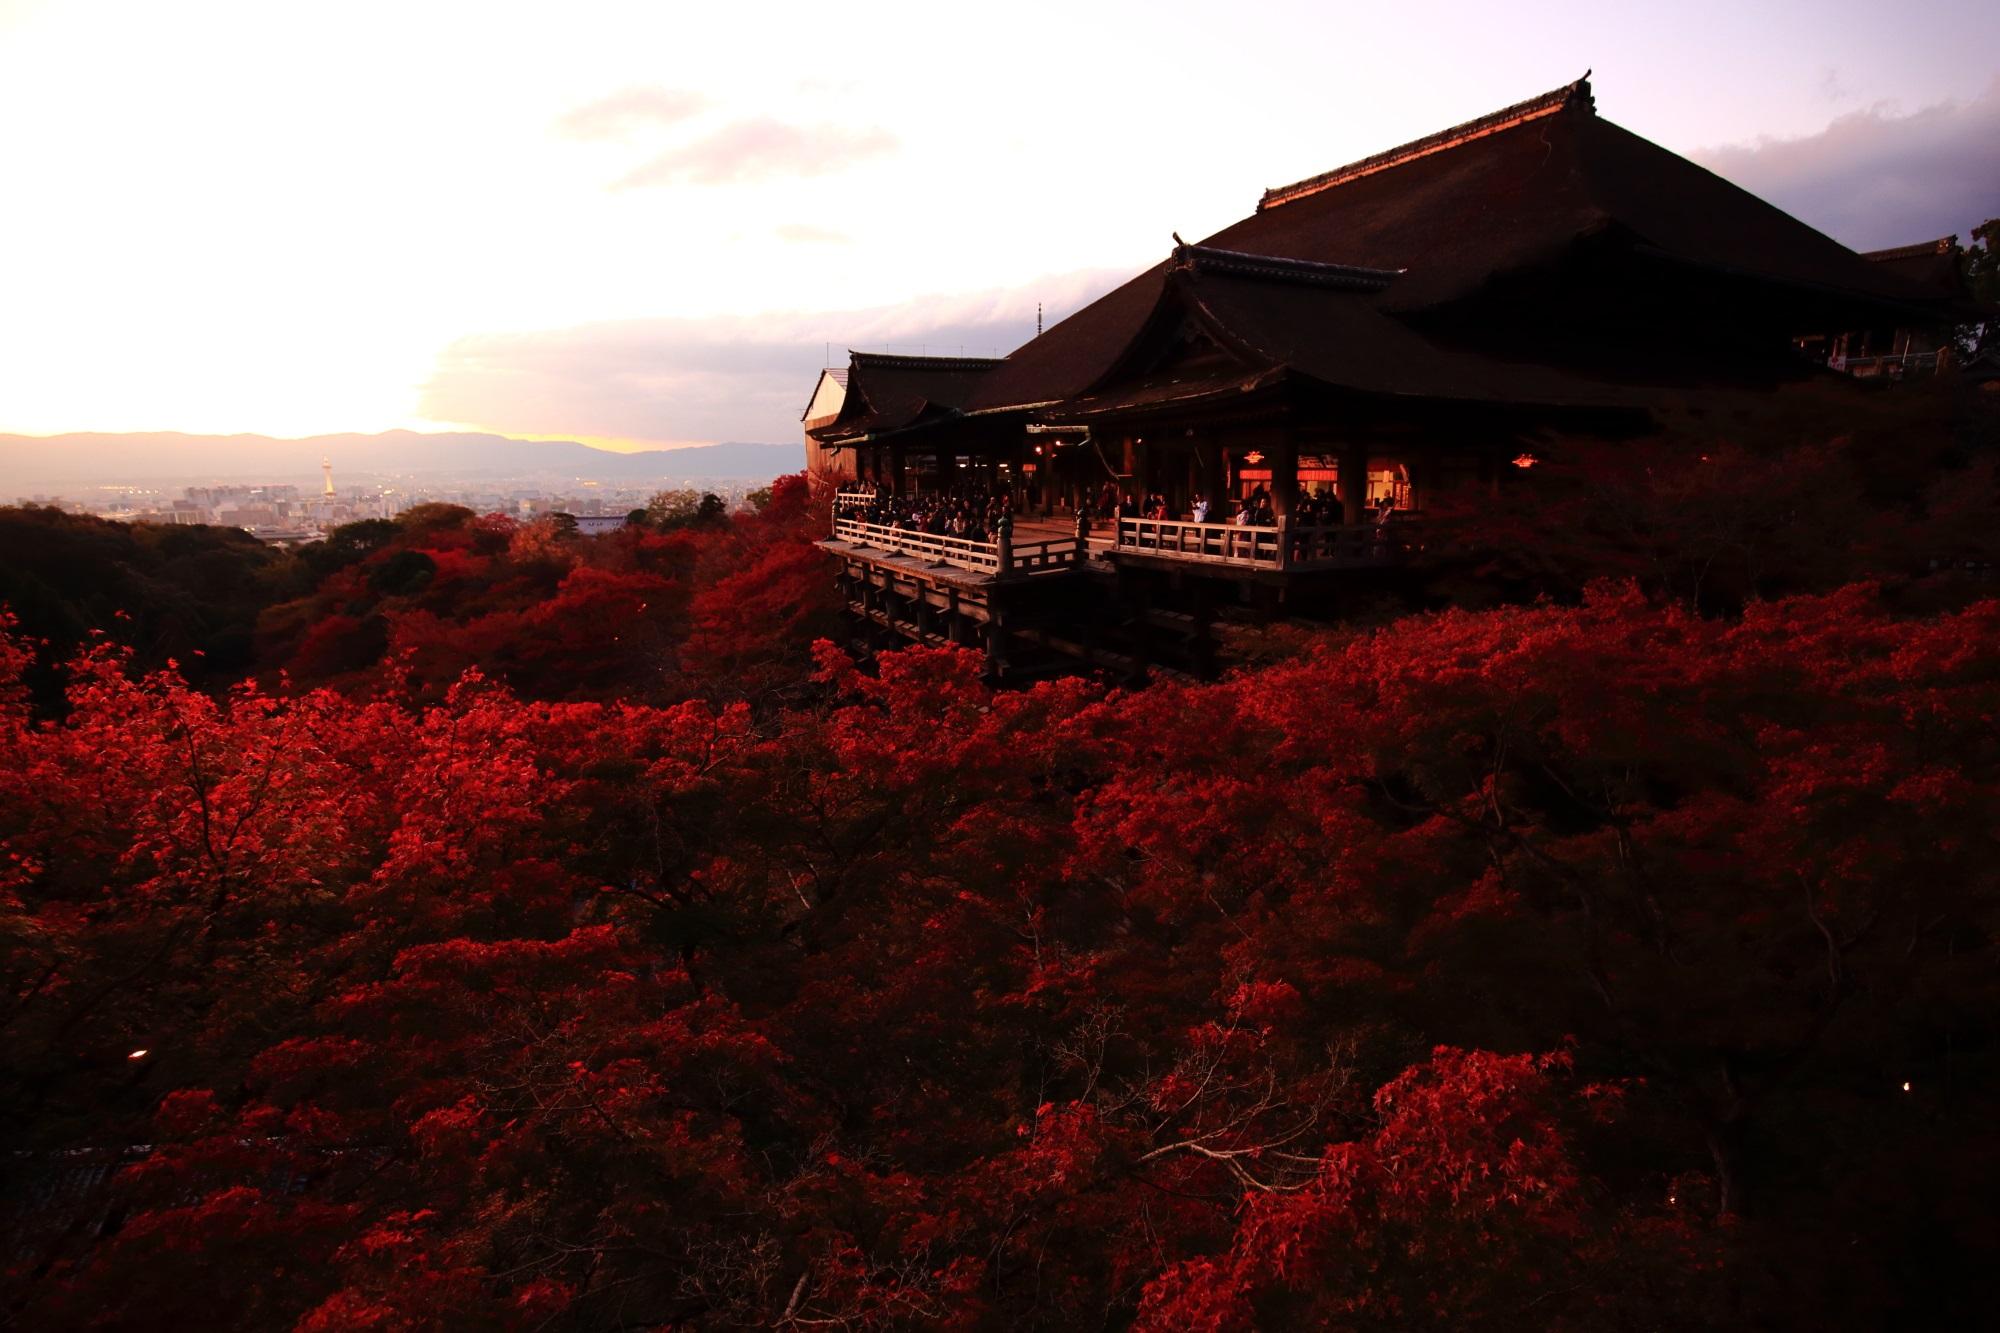 清水寺の夕焼けで赤く染まった見ごろの紅葉